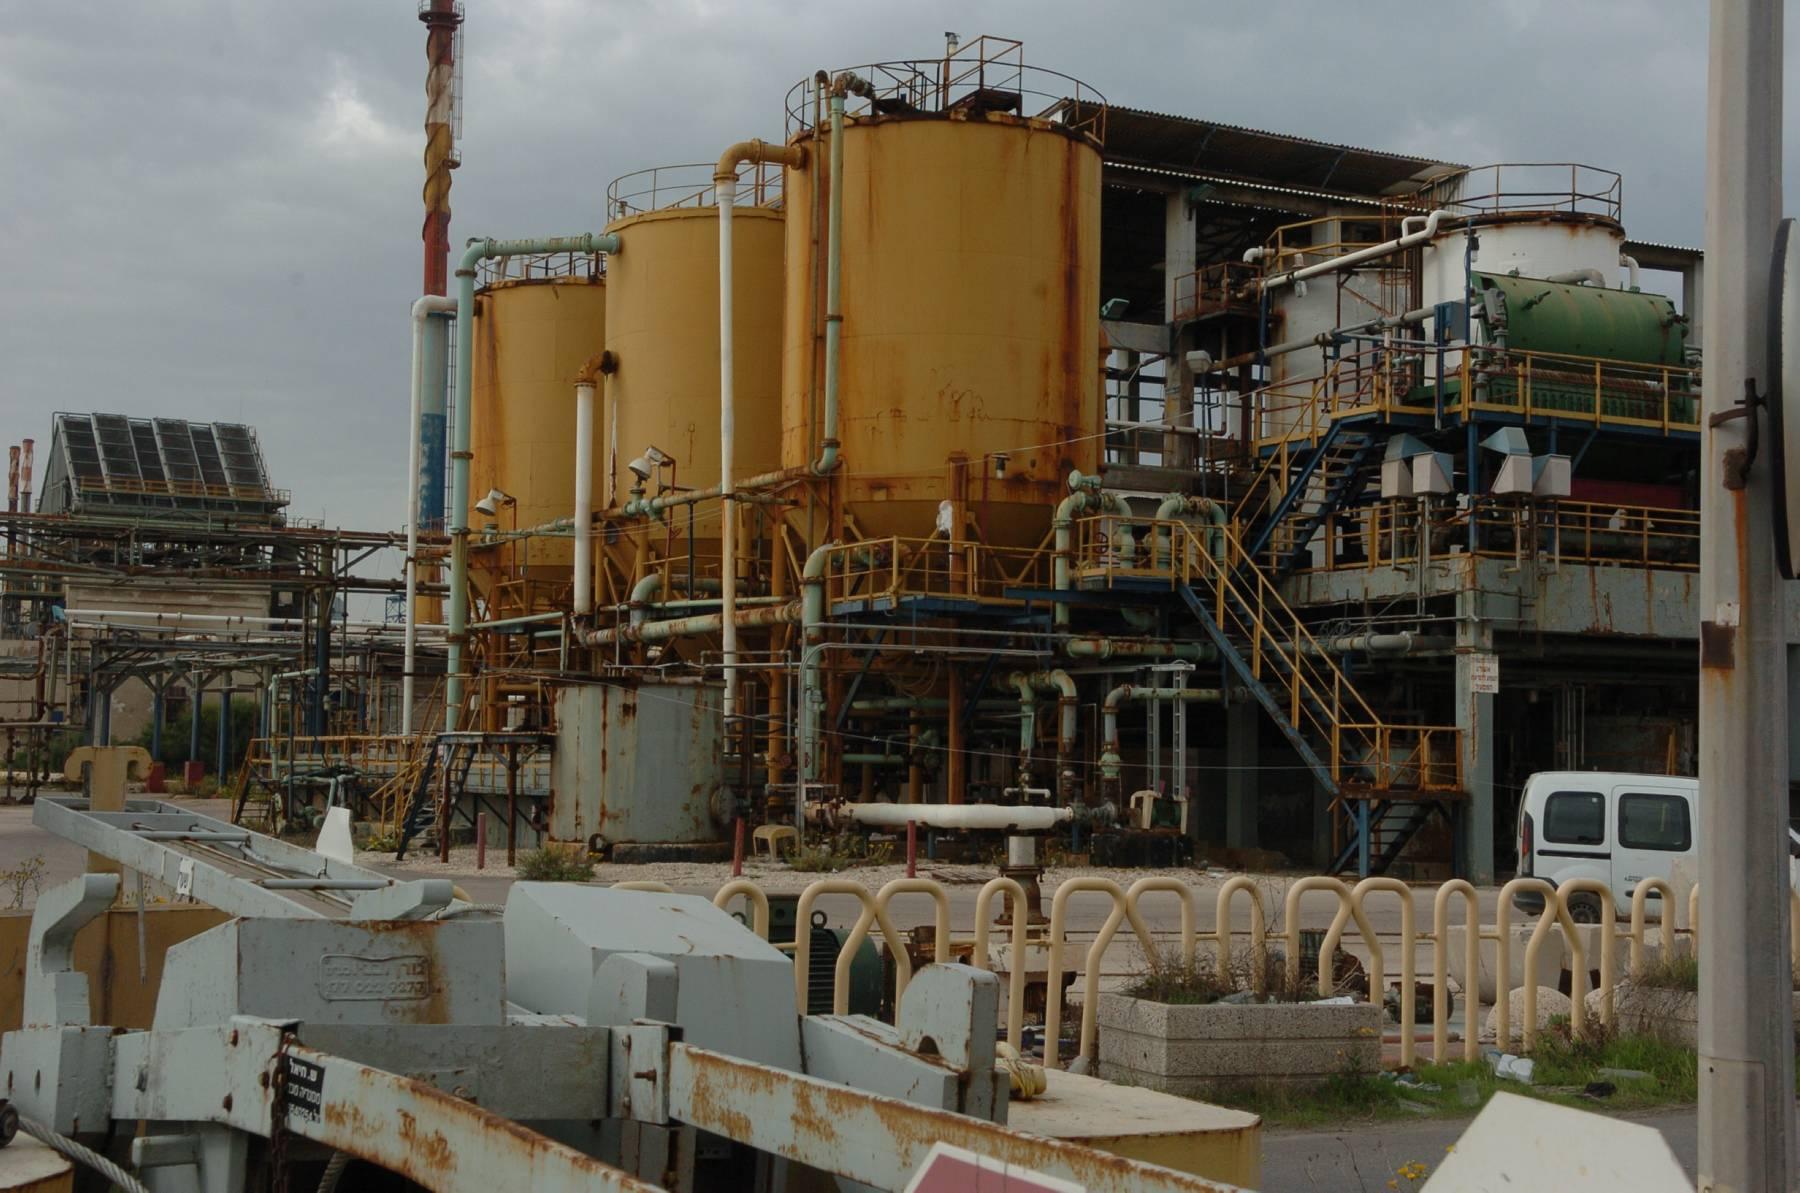 מפעל תעשיות אלקטרוכימיות, עכו / צילום: רובי קסטרו - מעריב